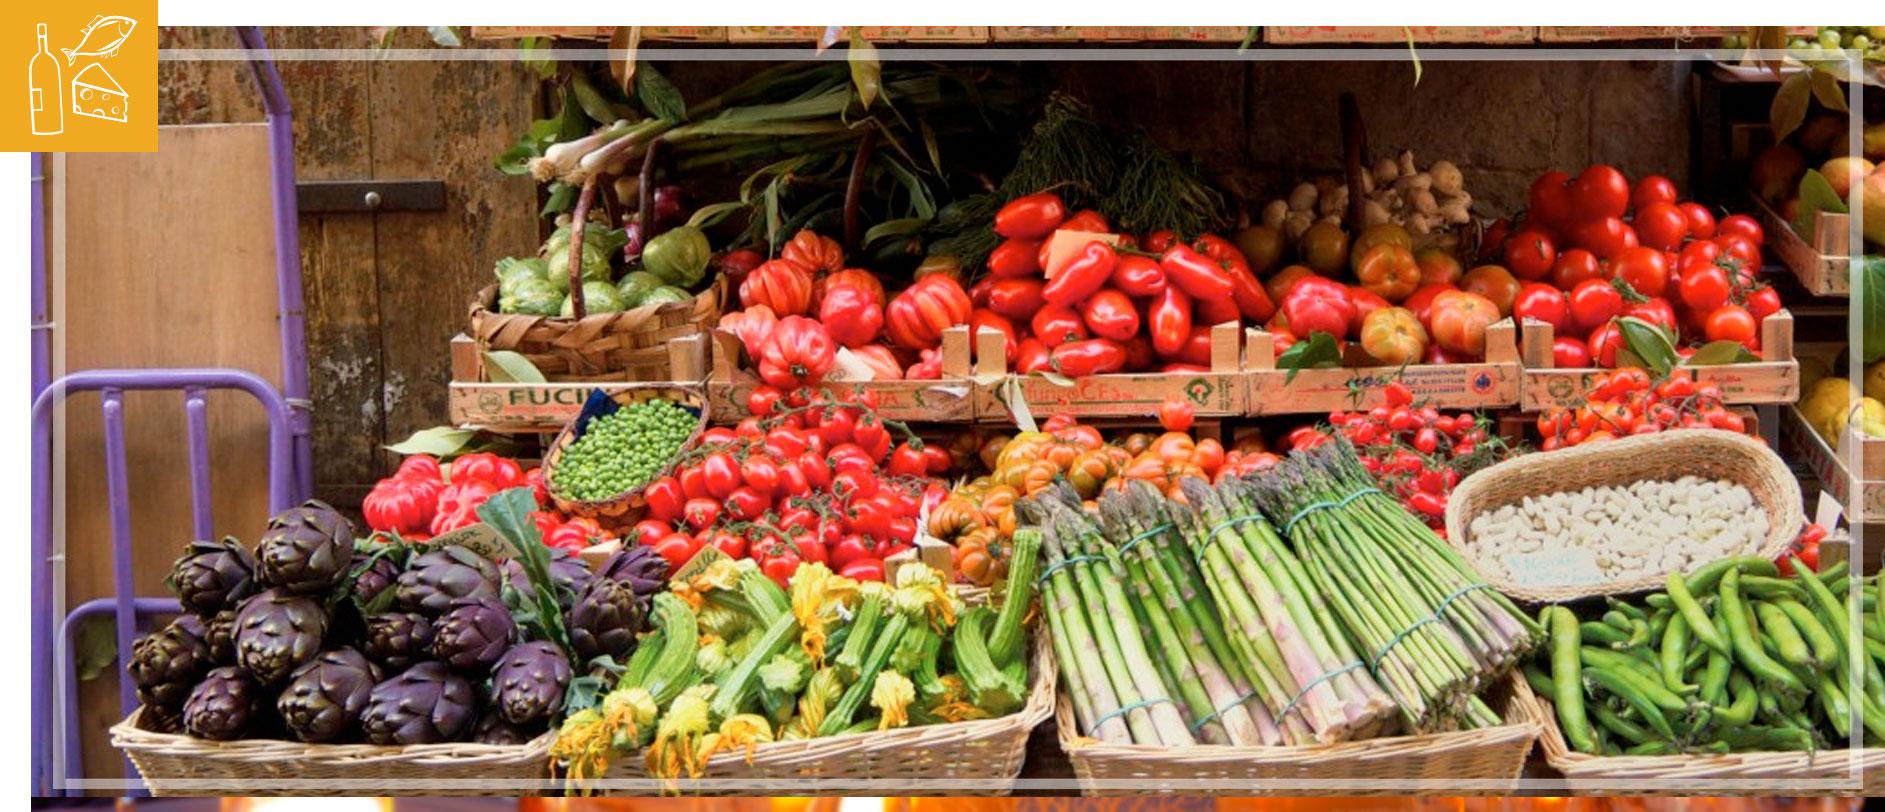 Food_markets_bnr_3_2